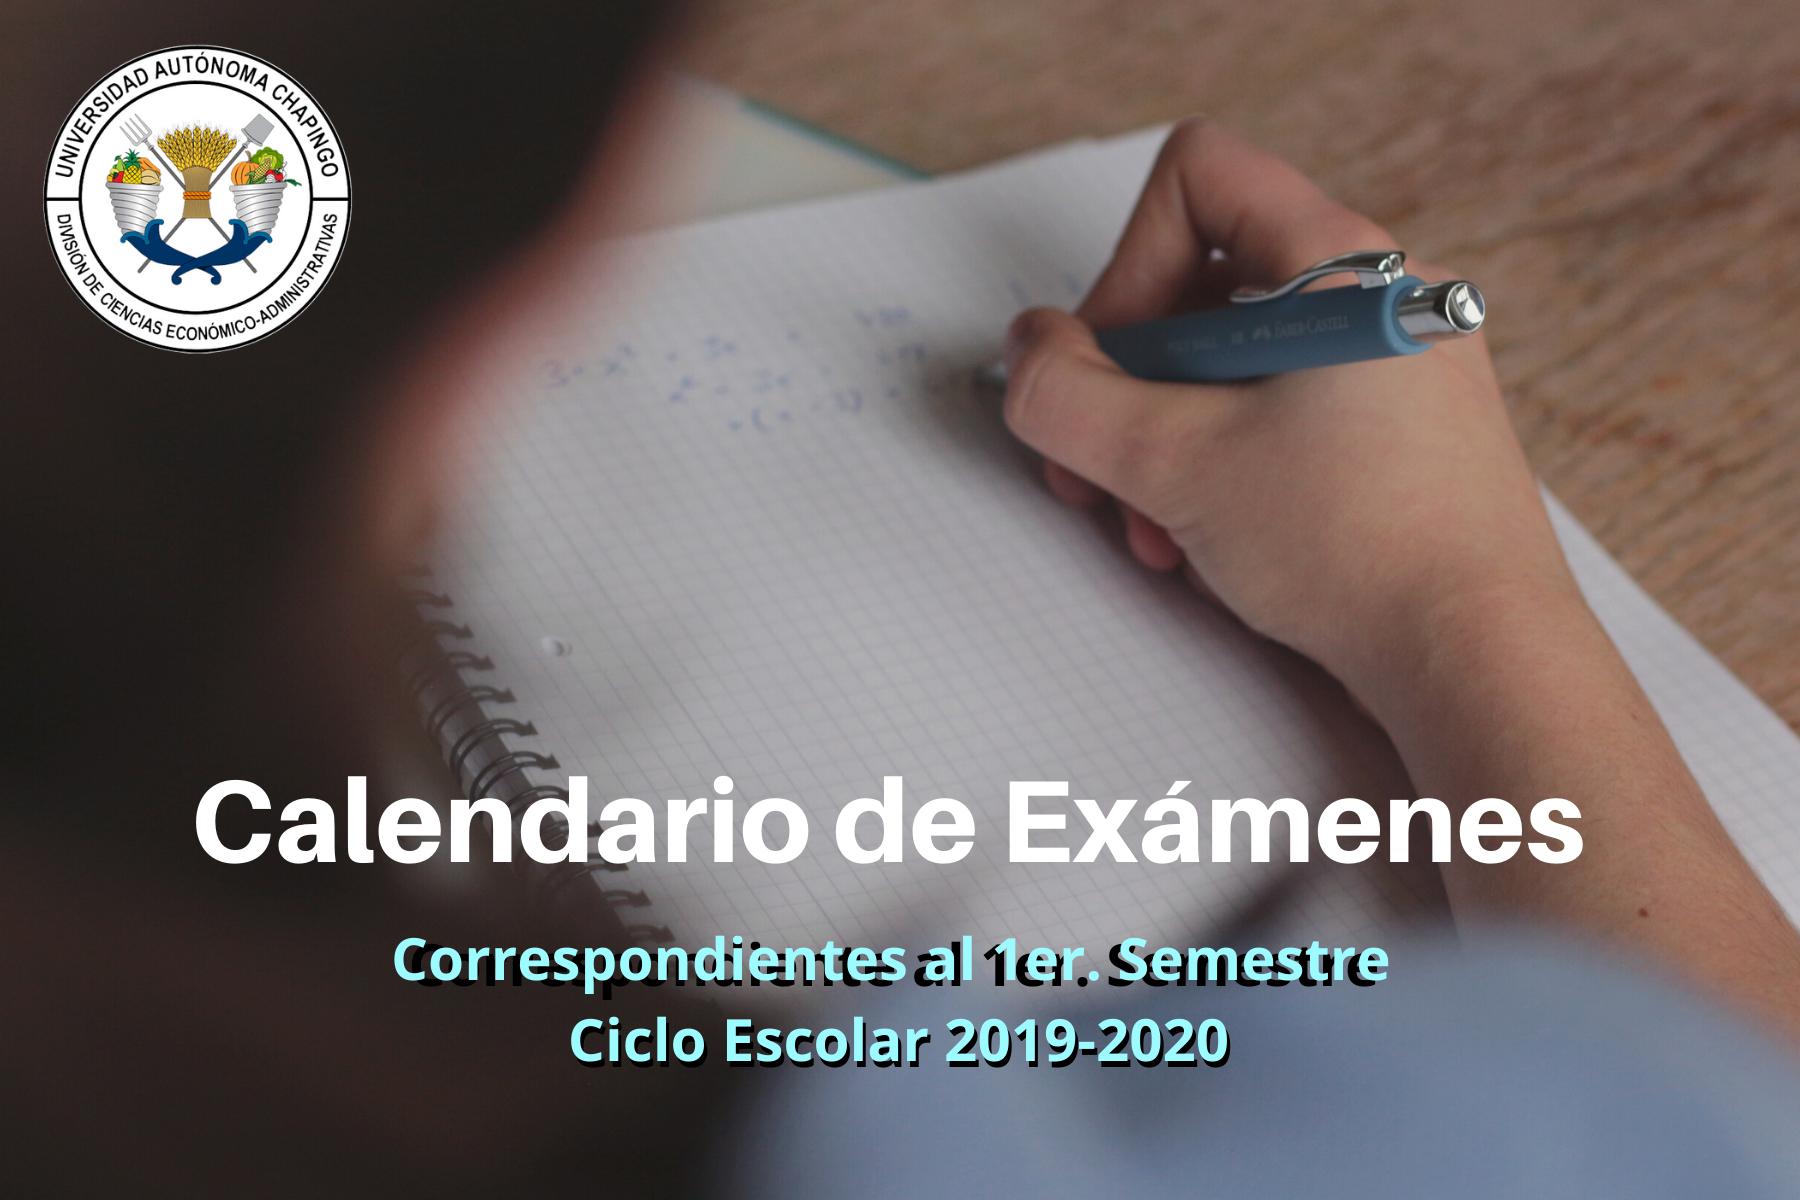 Calendario de Exámenes Correspondiente al 1er. Semestre 2019-2020